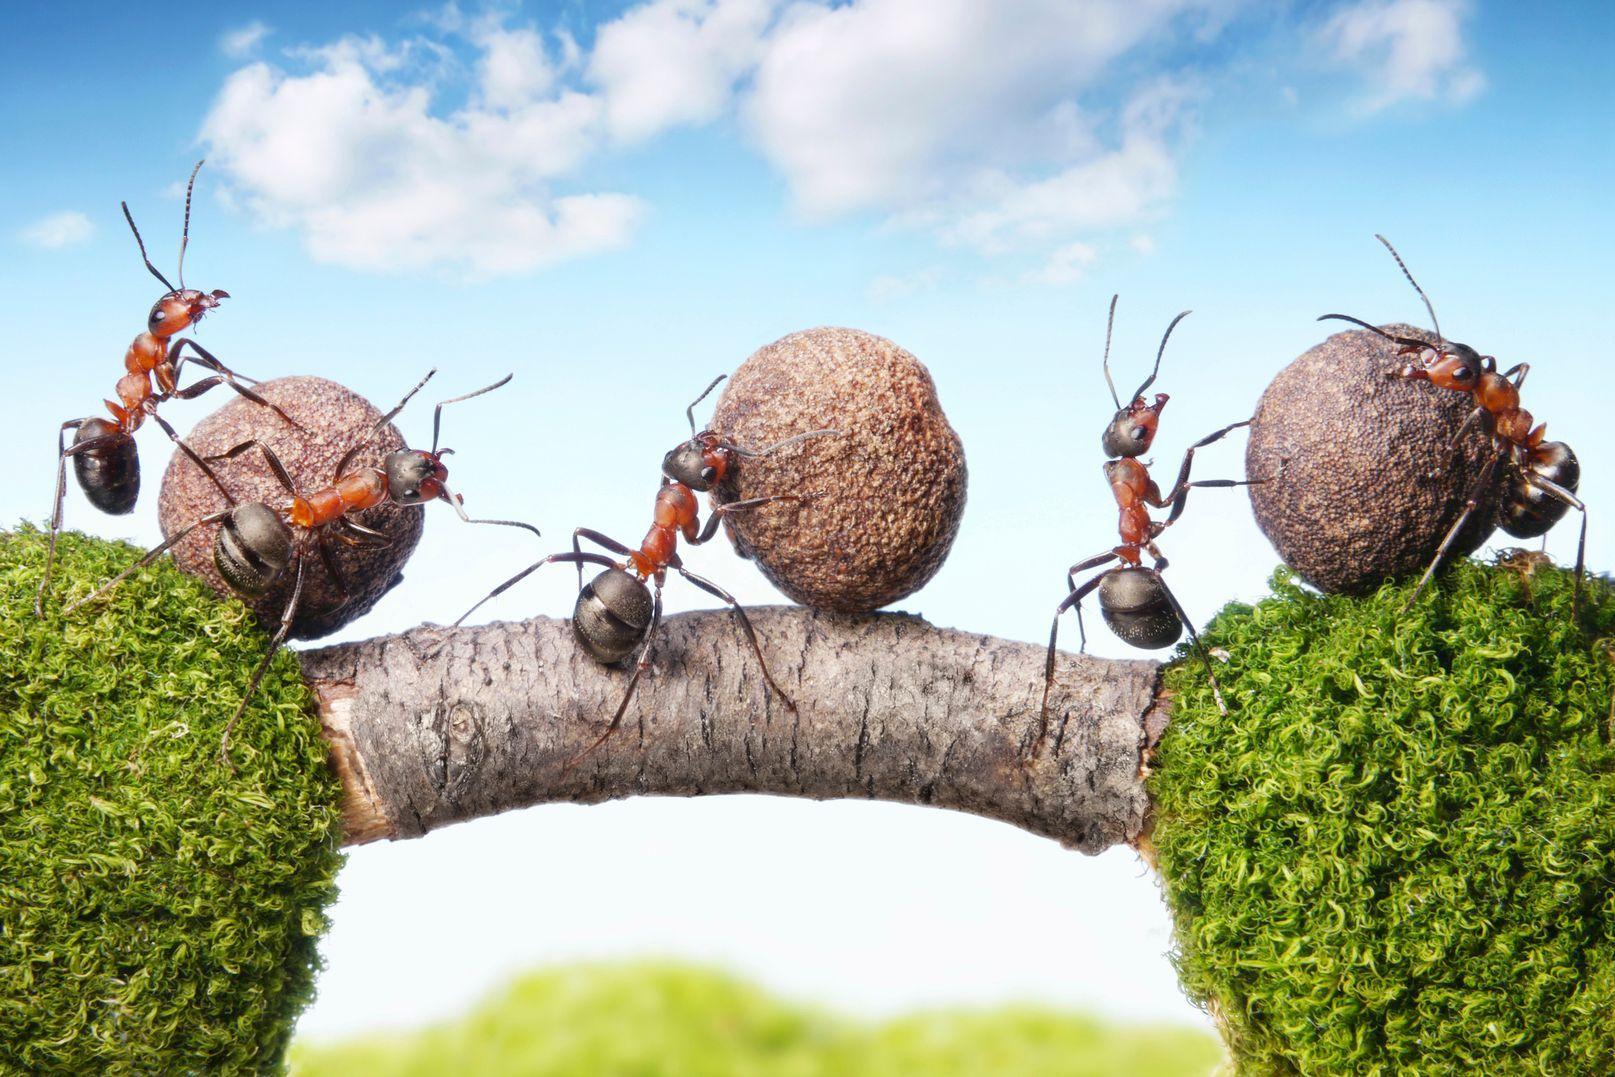 Comment Se Débarrasser Des Fourmis ? à Comment Éliminer Des Fourmis Dans Le Jardin